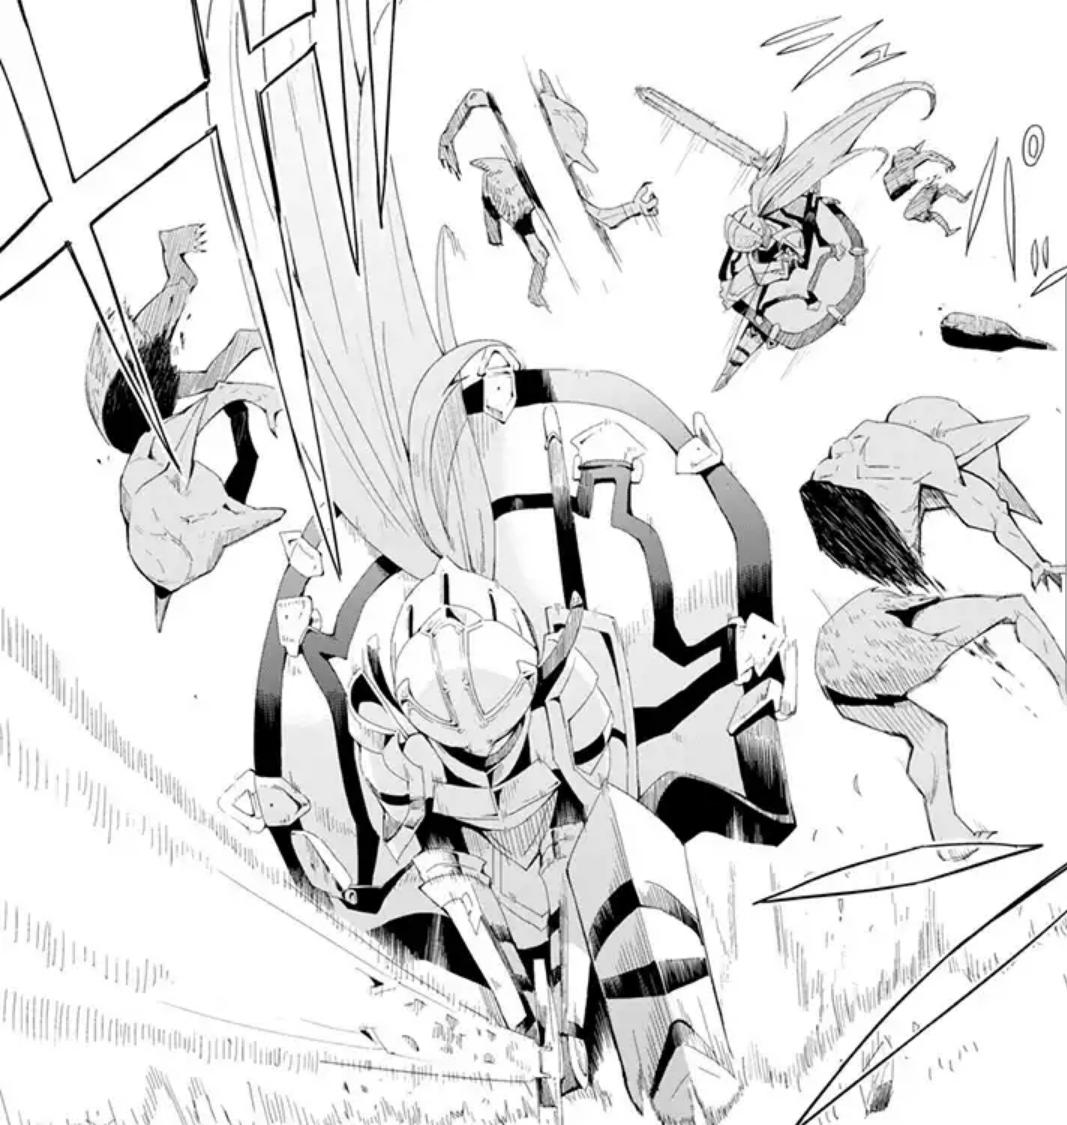 漫画「ガチャを回して仲間を増やす」の魅力3:主人公パーティが強すぎて爽快!